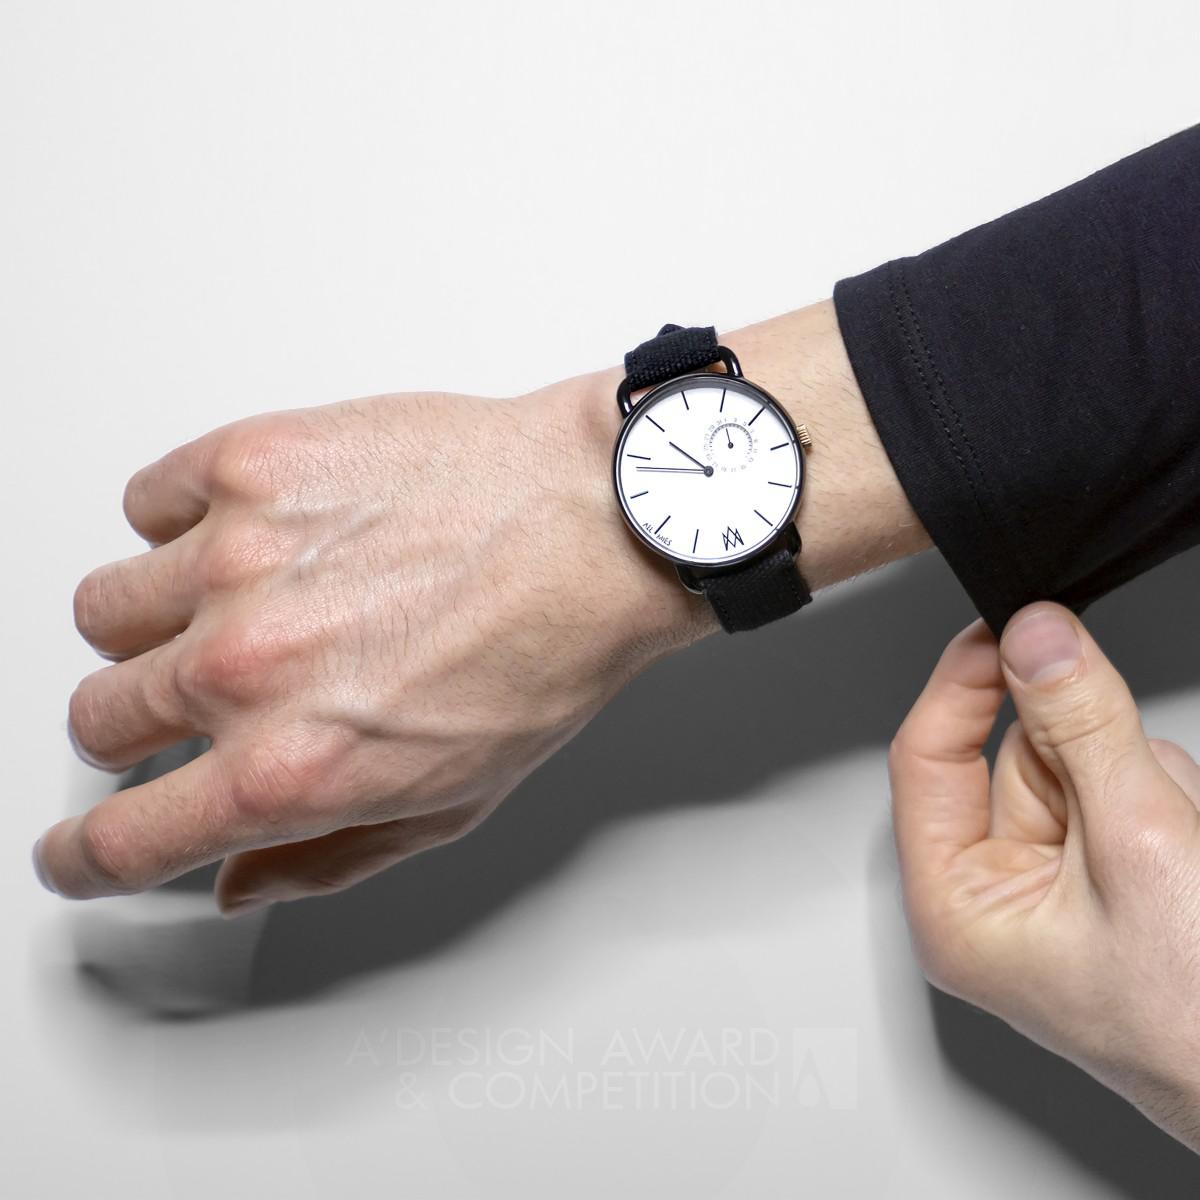 Bauhaus Wrist Watch